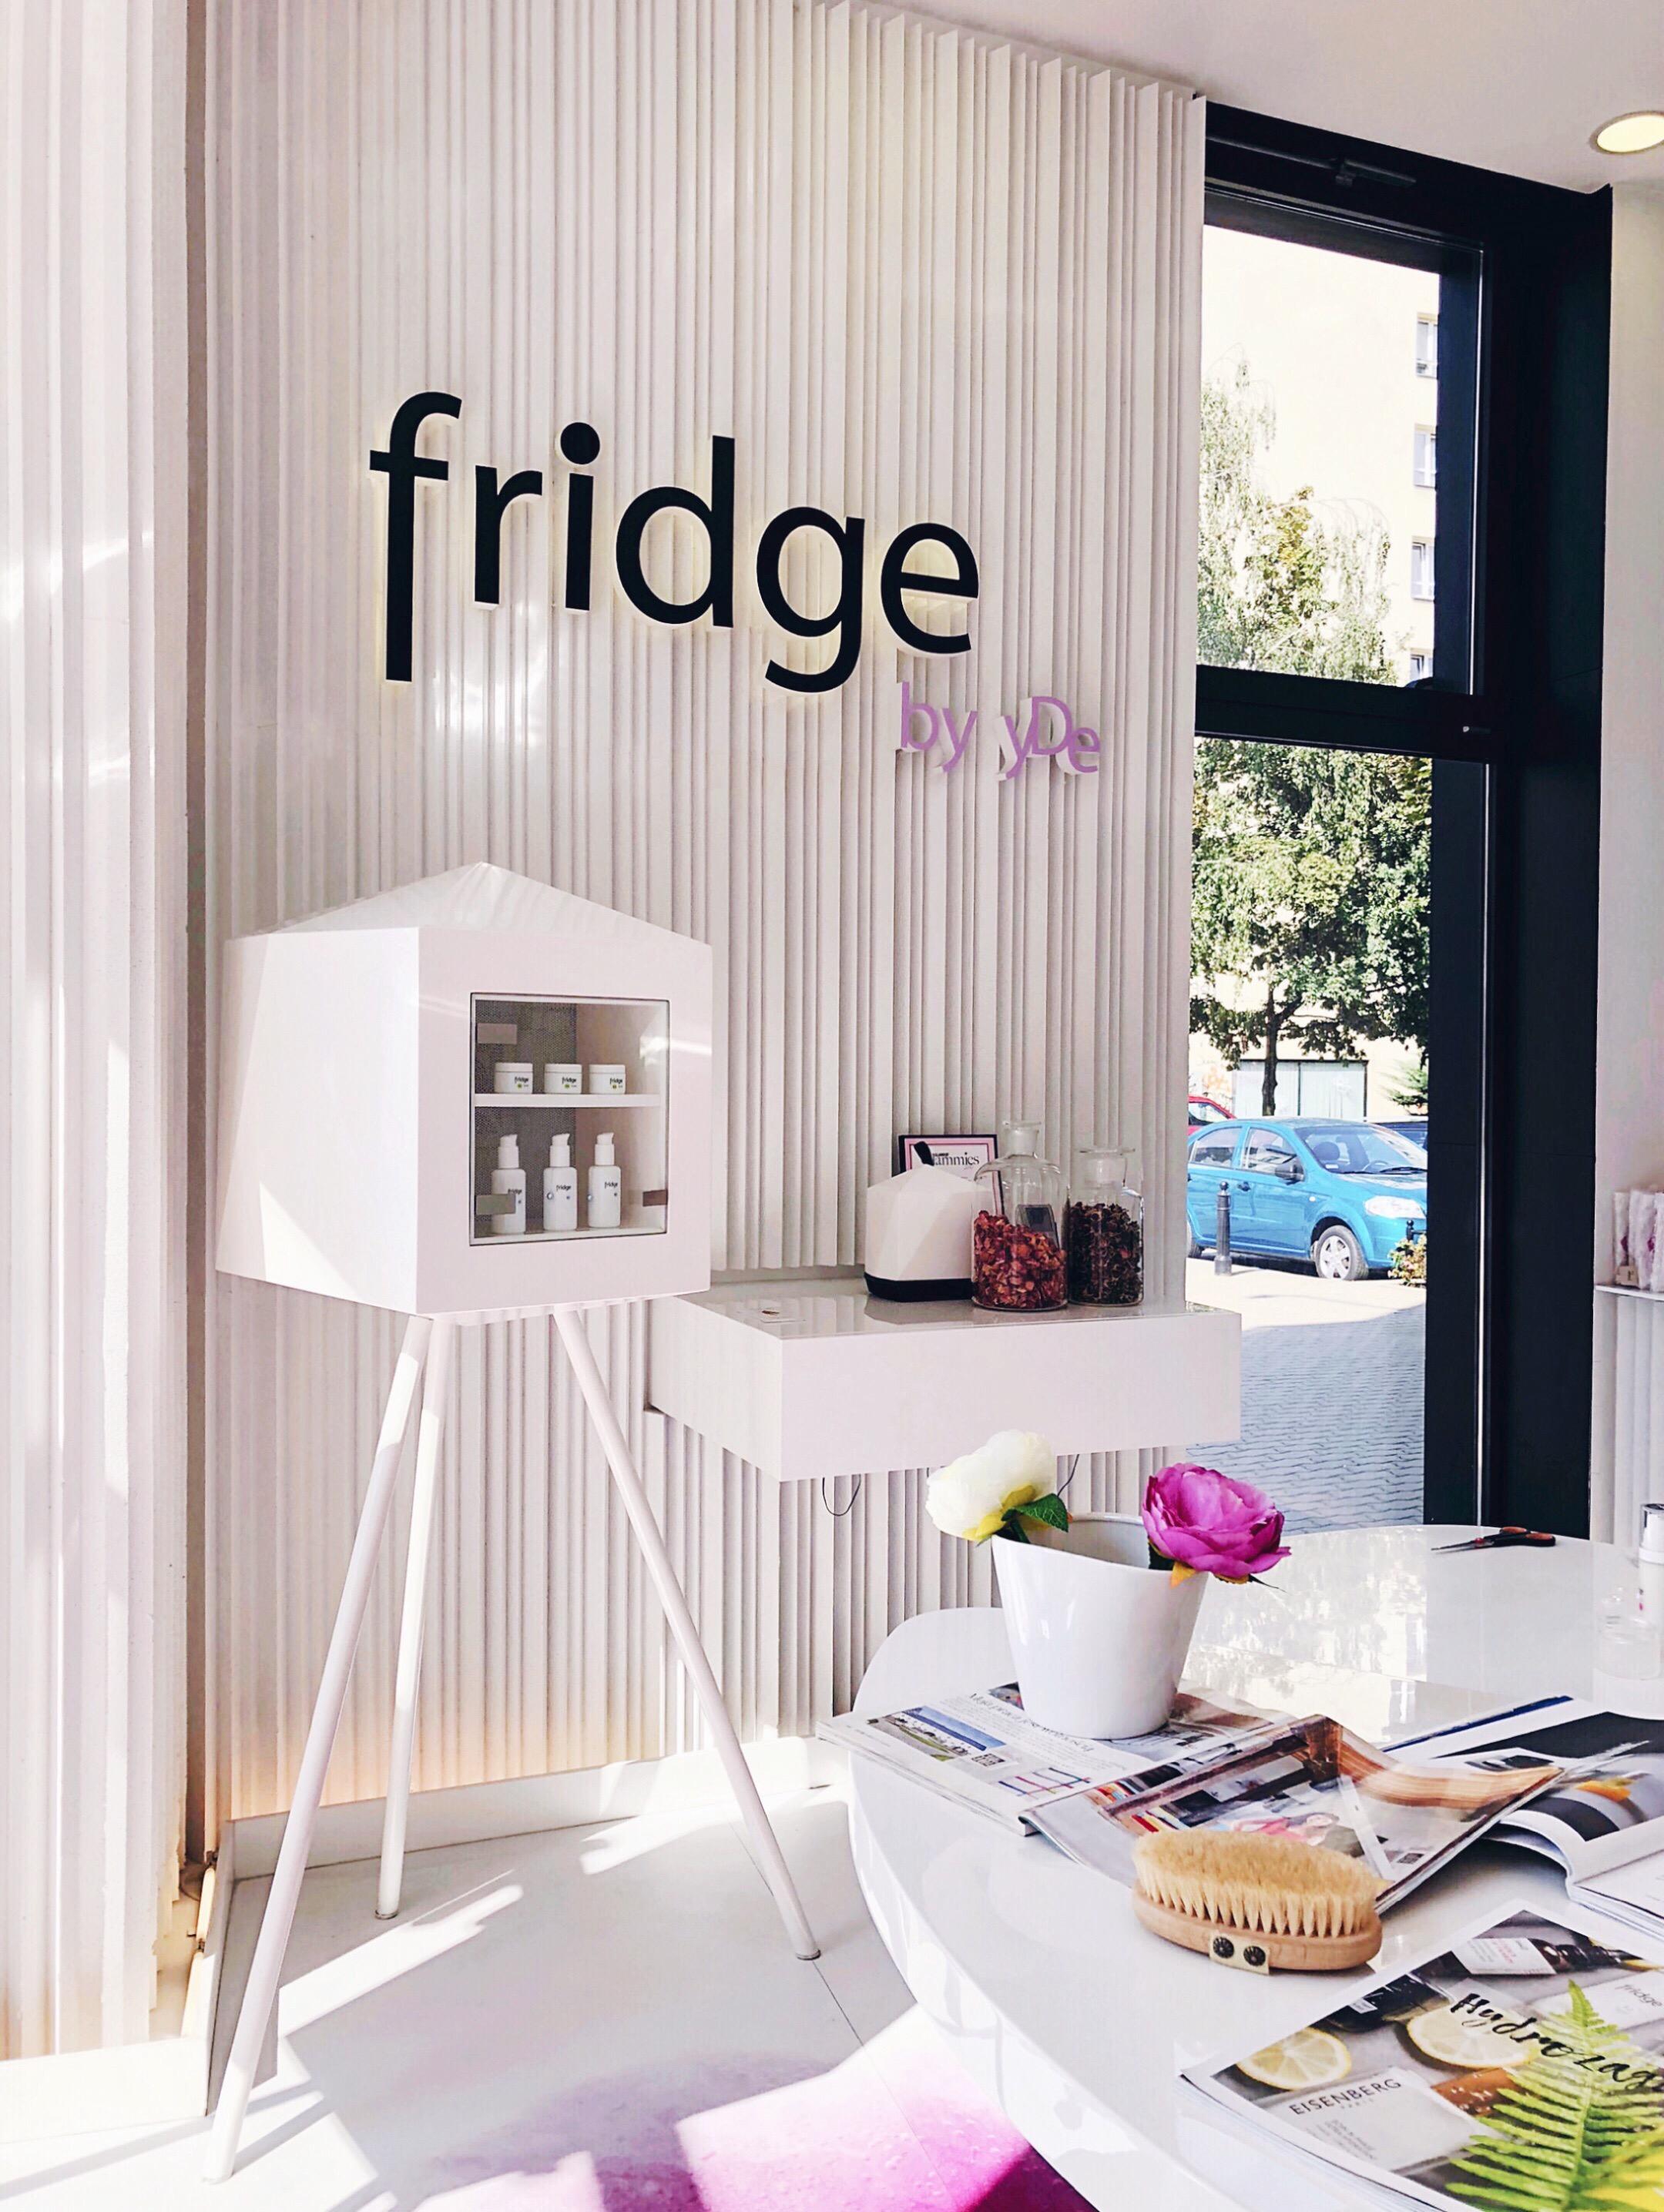 Inside Fridge by yde